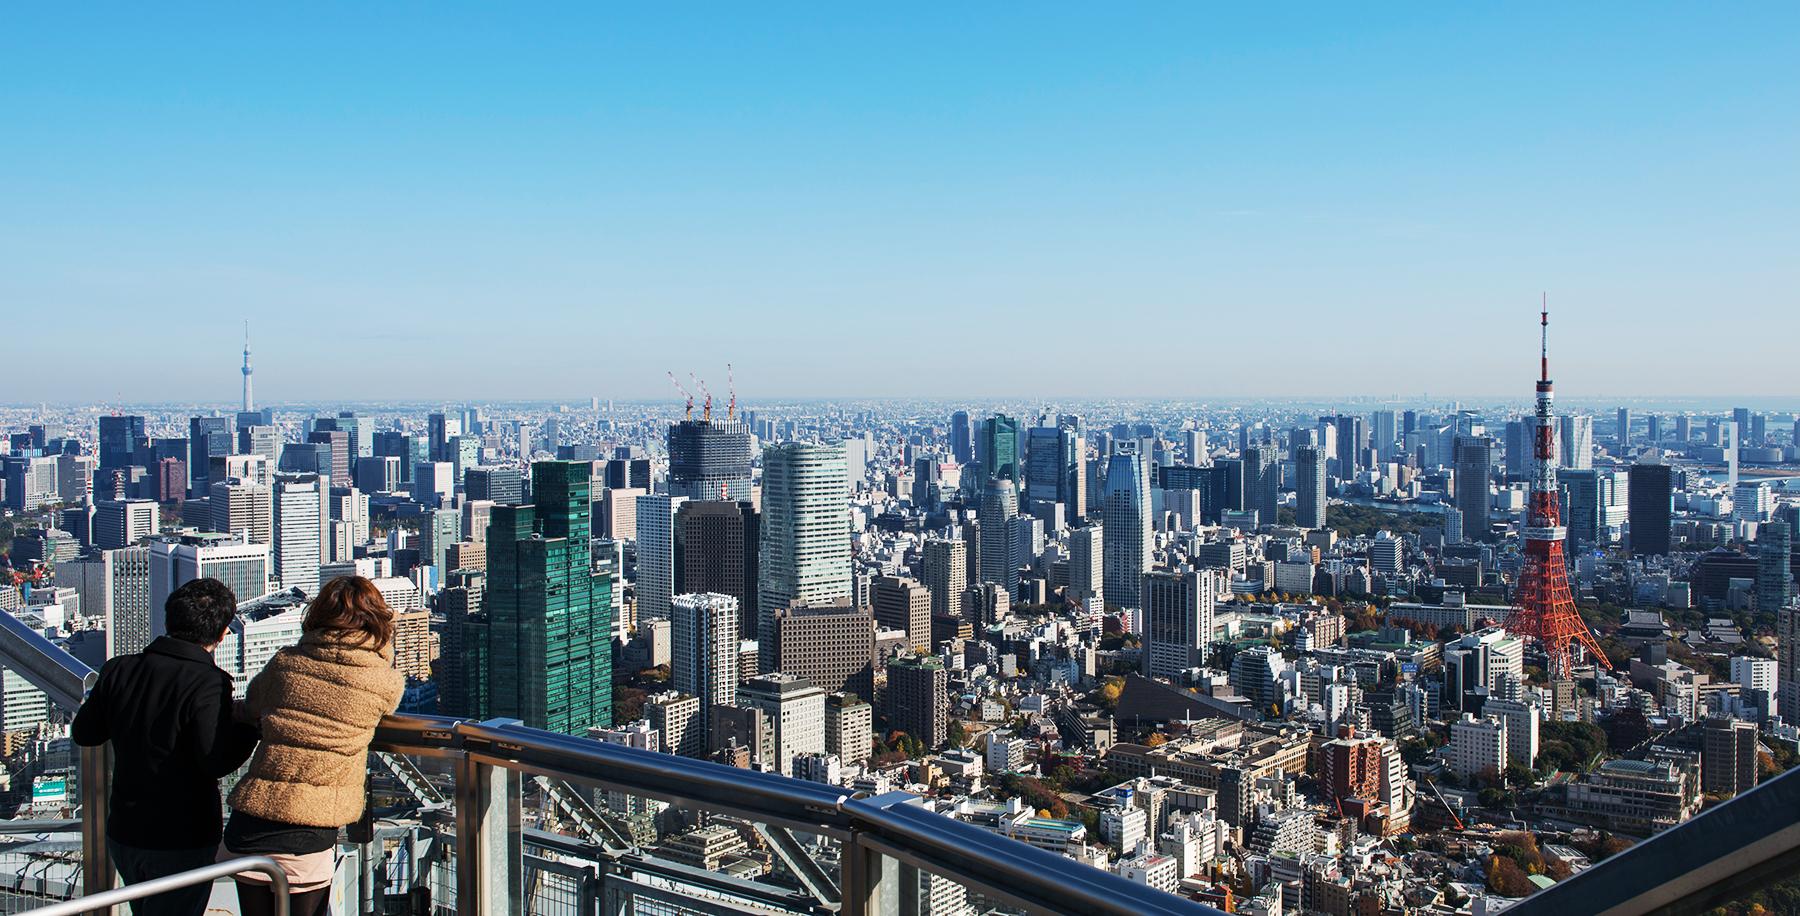 六本木ヒルズ/港区/観光/東京観光/東京観光タクシー/tokyo